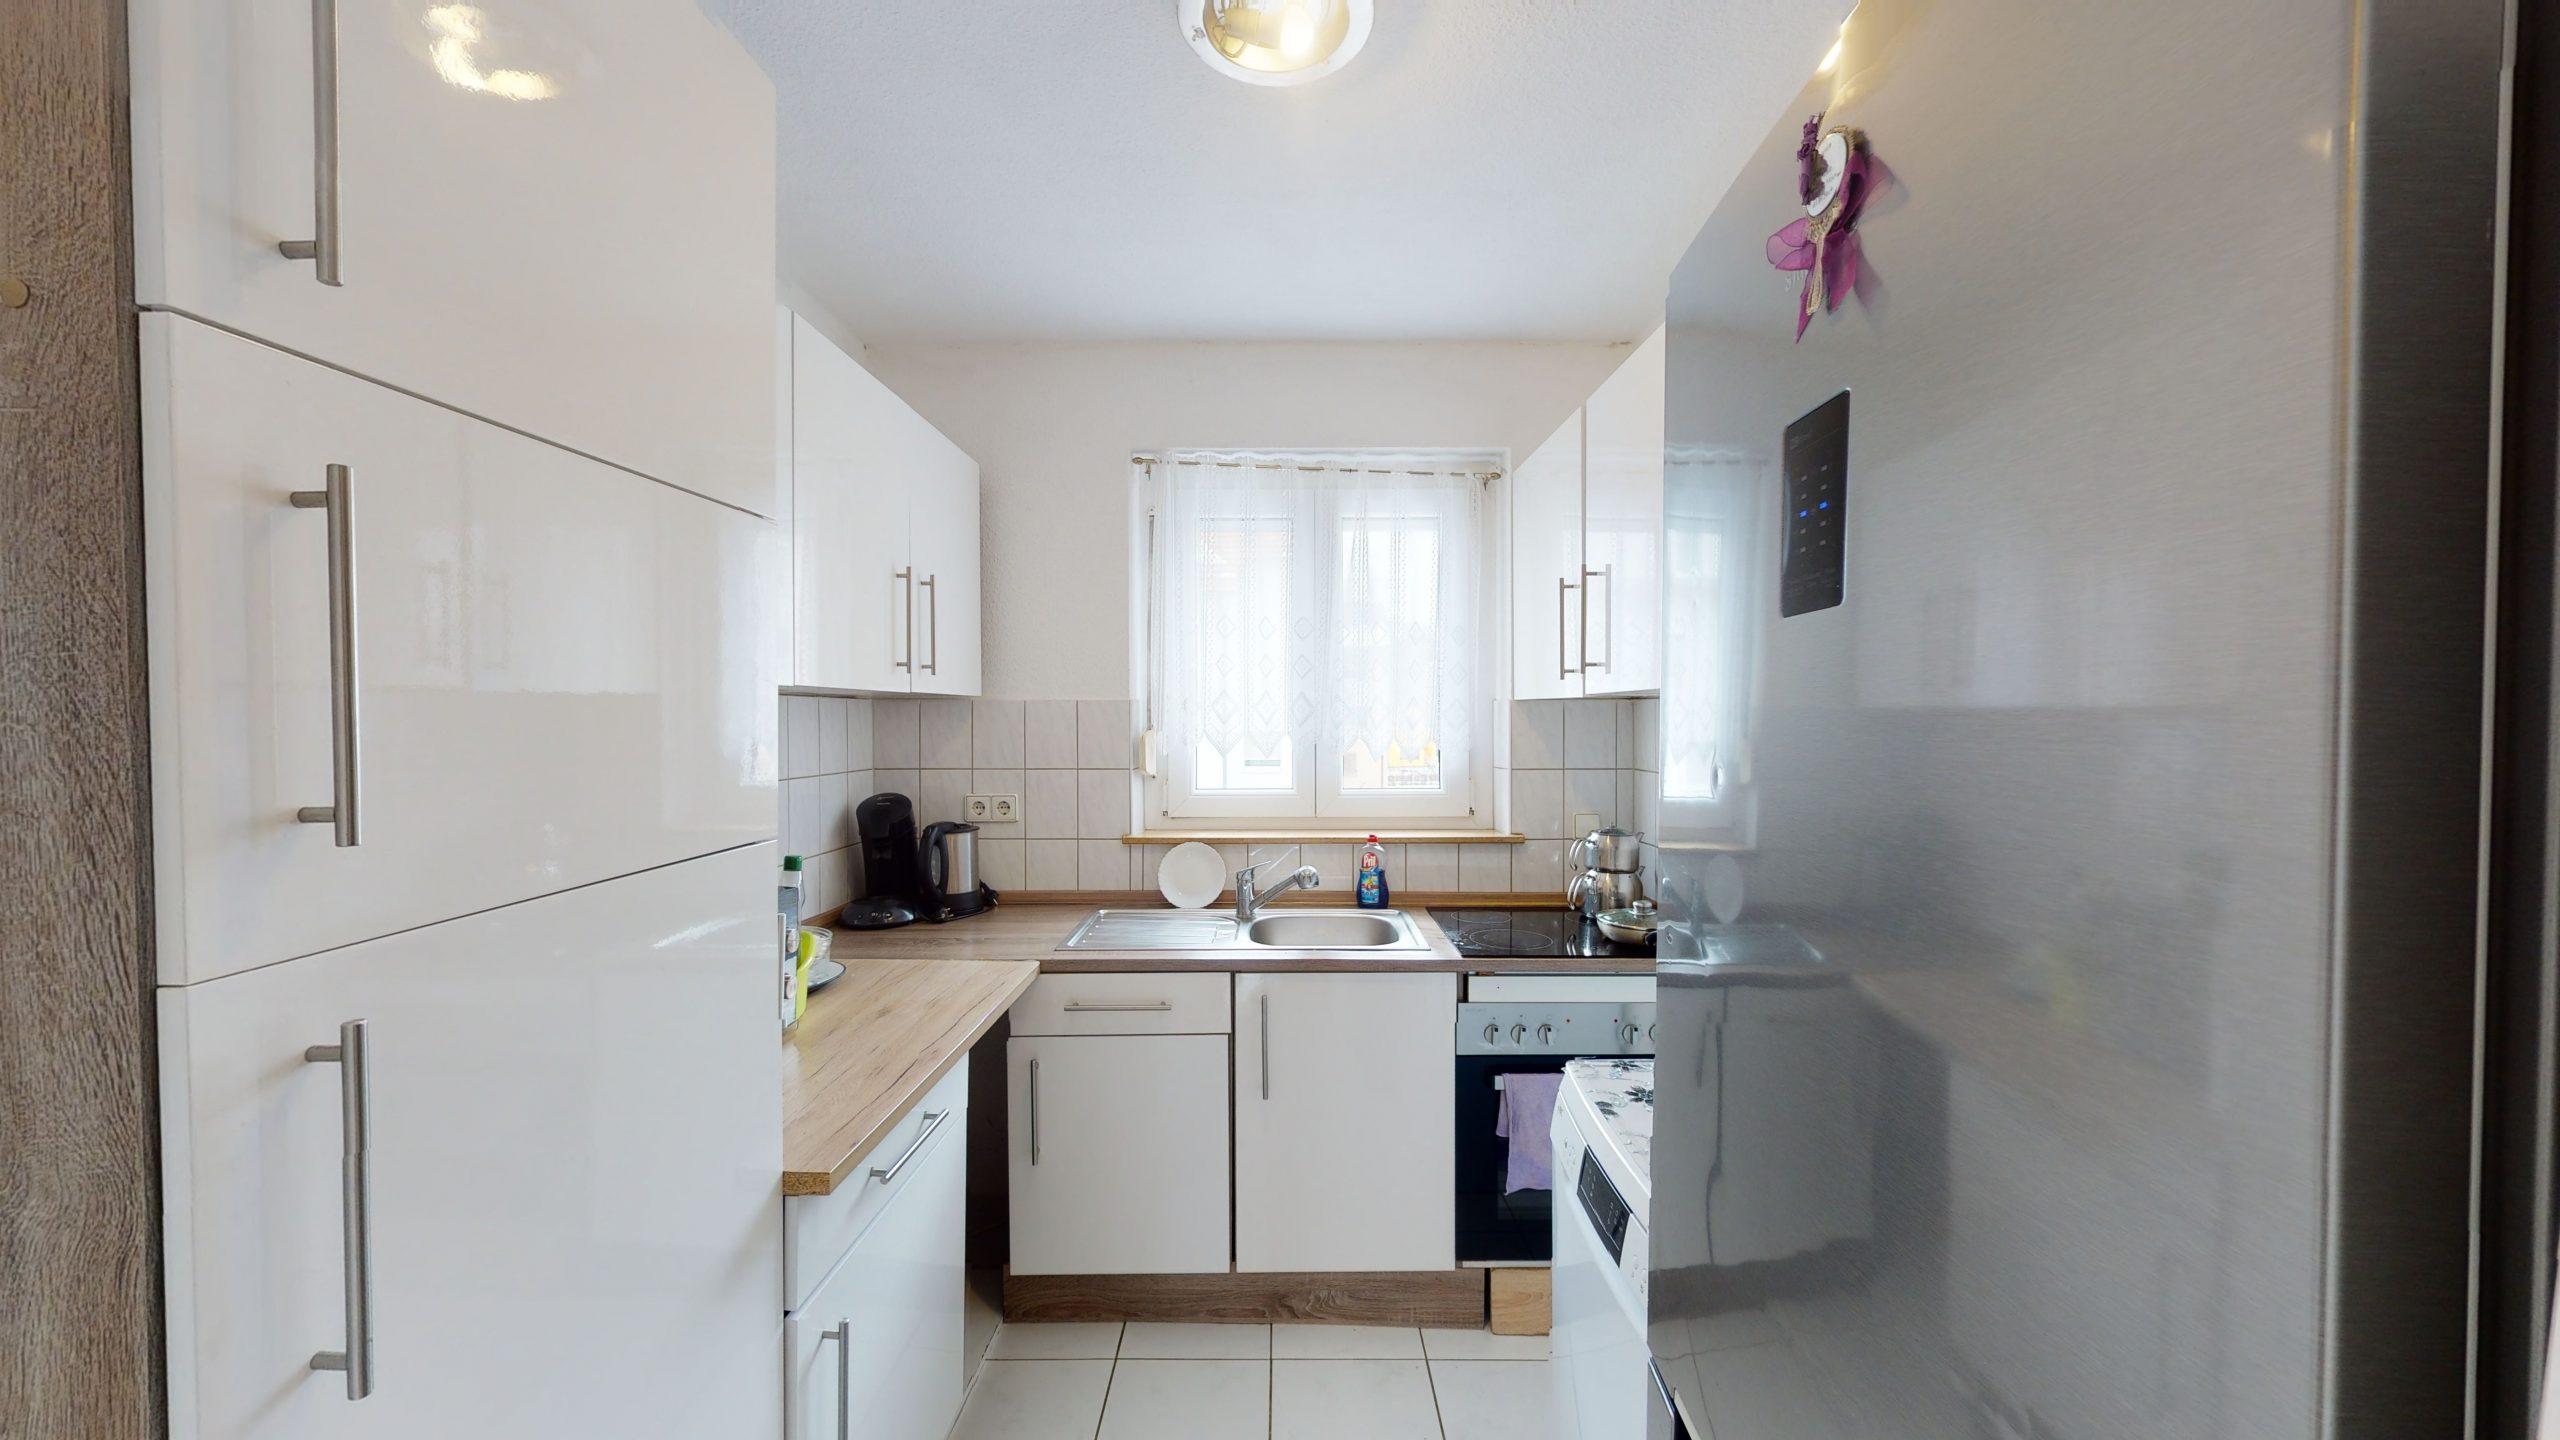 Schone-4-Zimmer-Wohnung-mit-2-Balkonen-und-viel-Platz-in-Altbach-02162021_095534